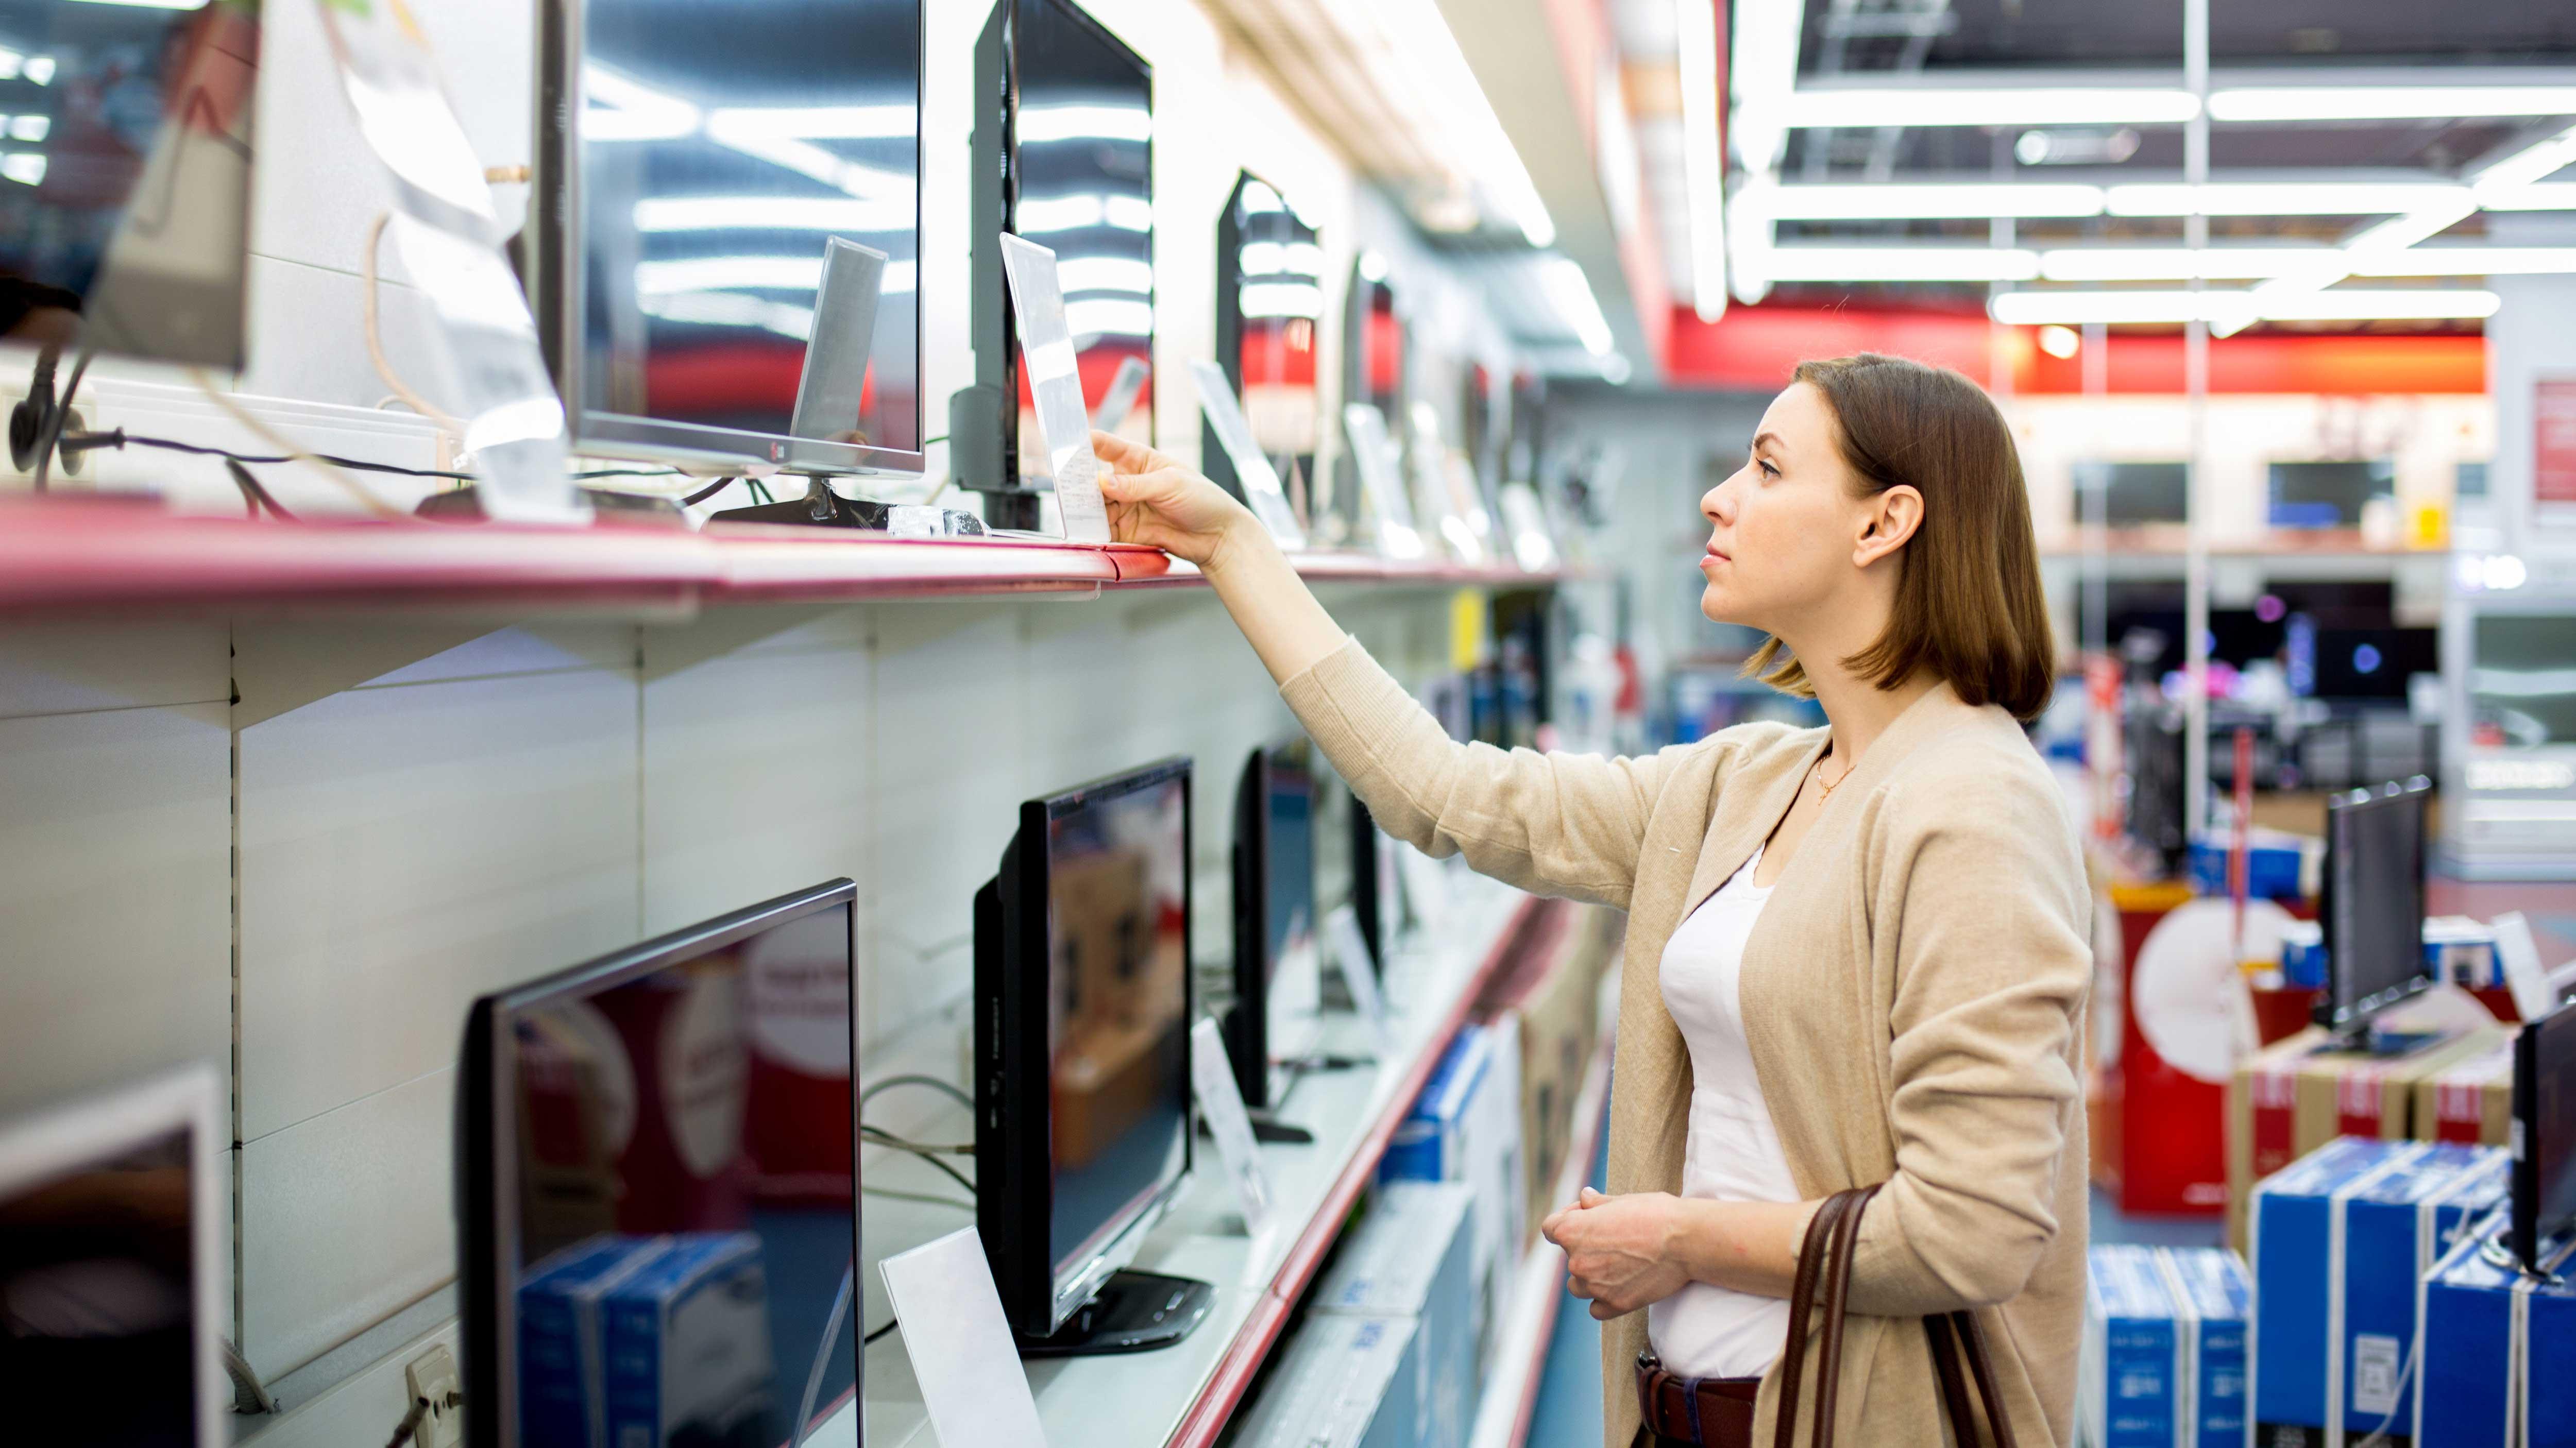 especialistas-de-electrodomesticos-y-supermercados-ganan-terreno-sobre-las-tiendas-por-departamento